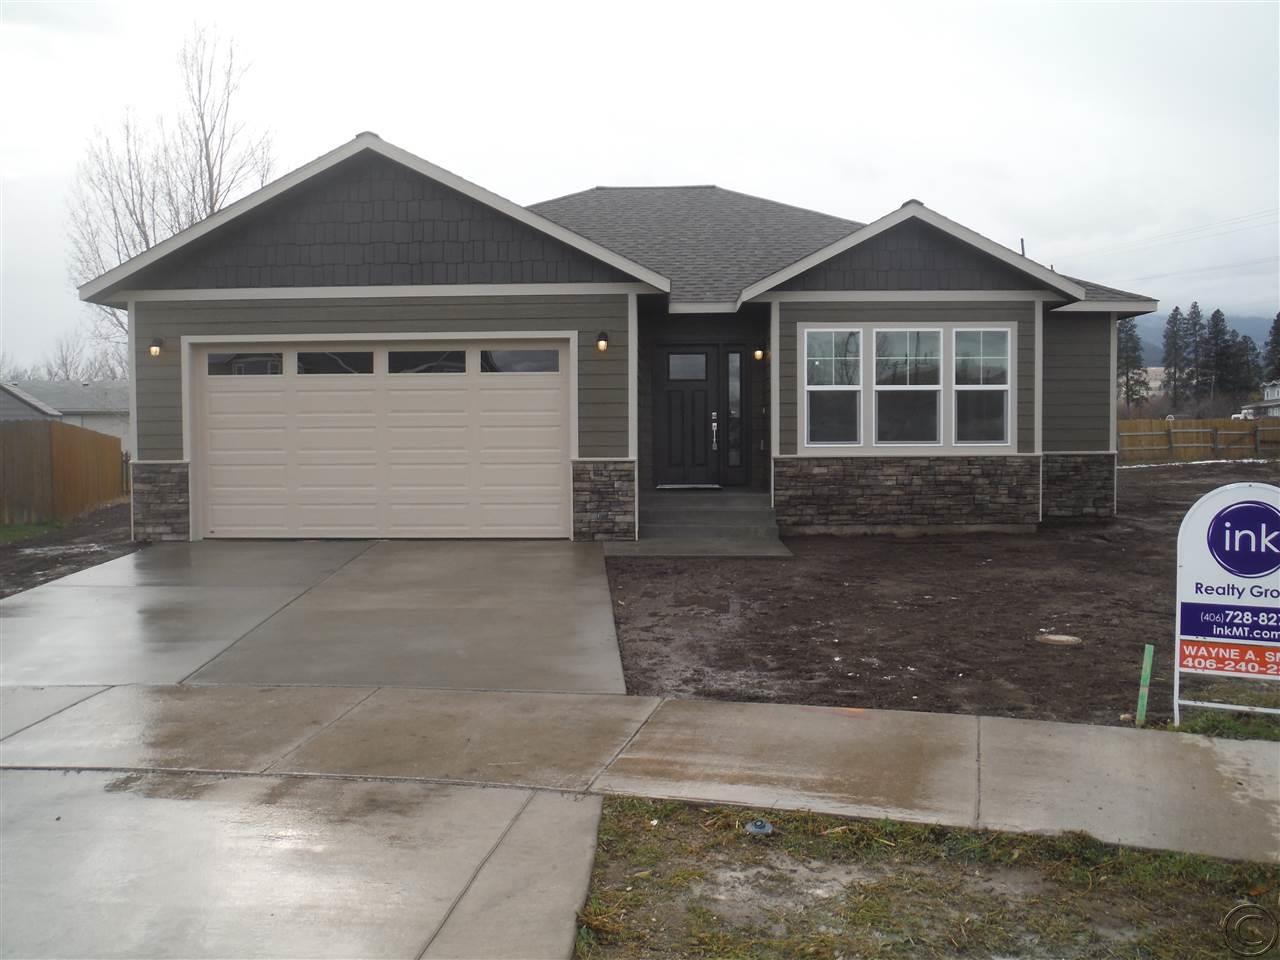 Real Estate for Sale, ListingId: 36377453, Lolo,MT59847